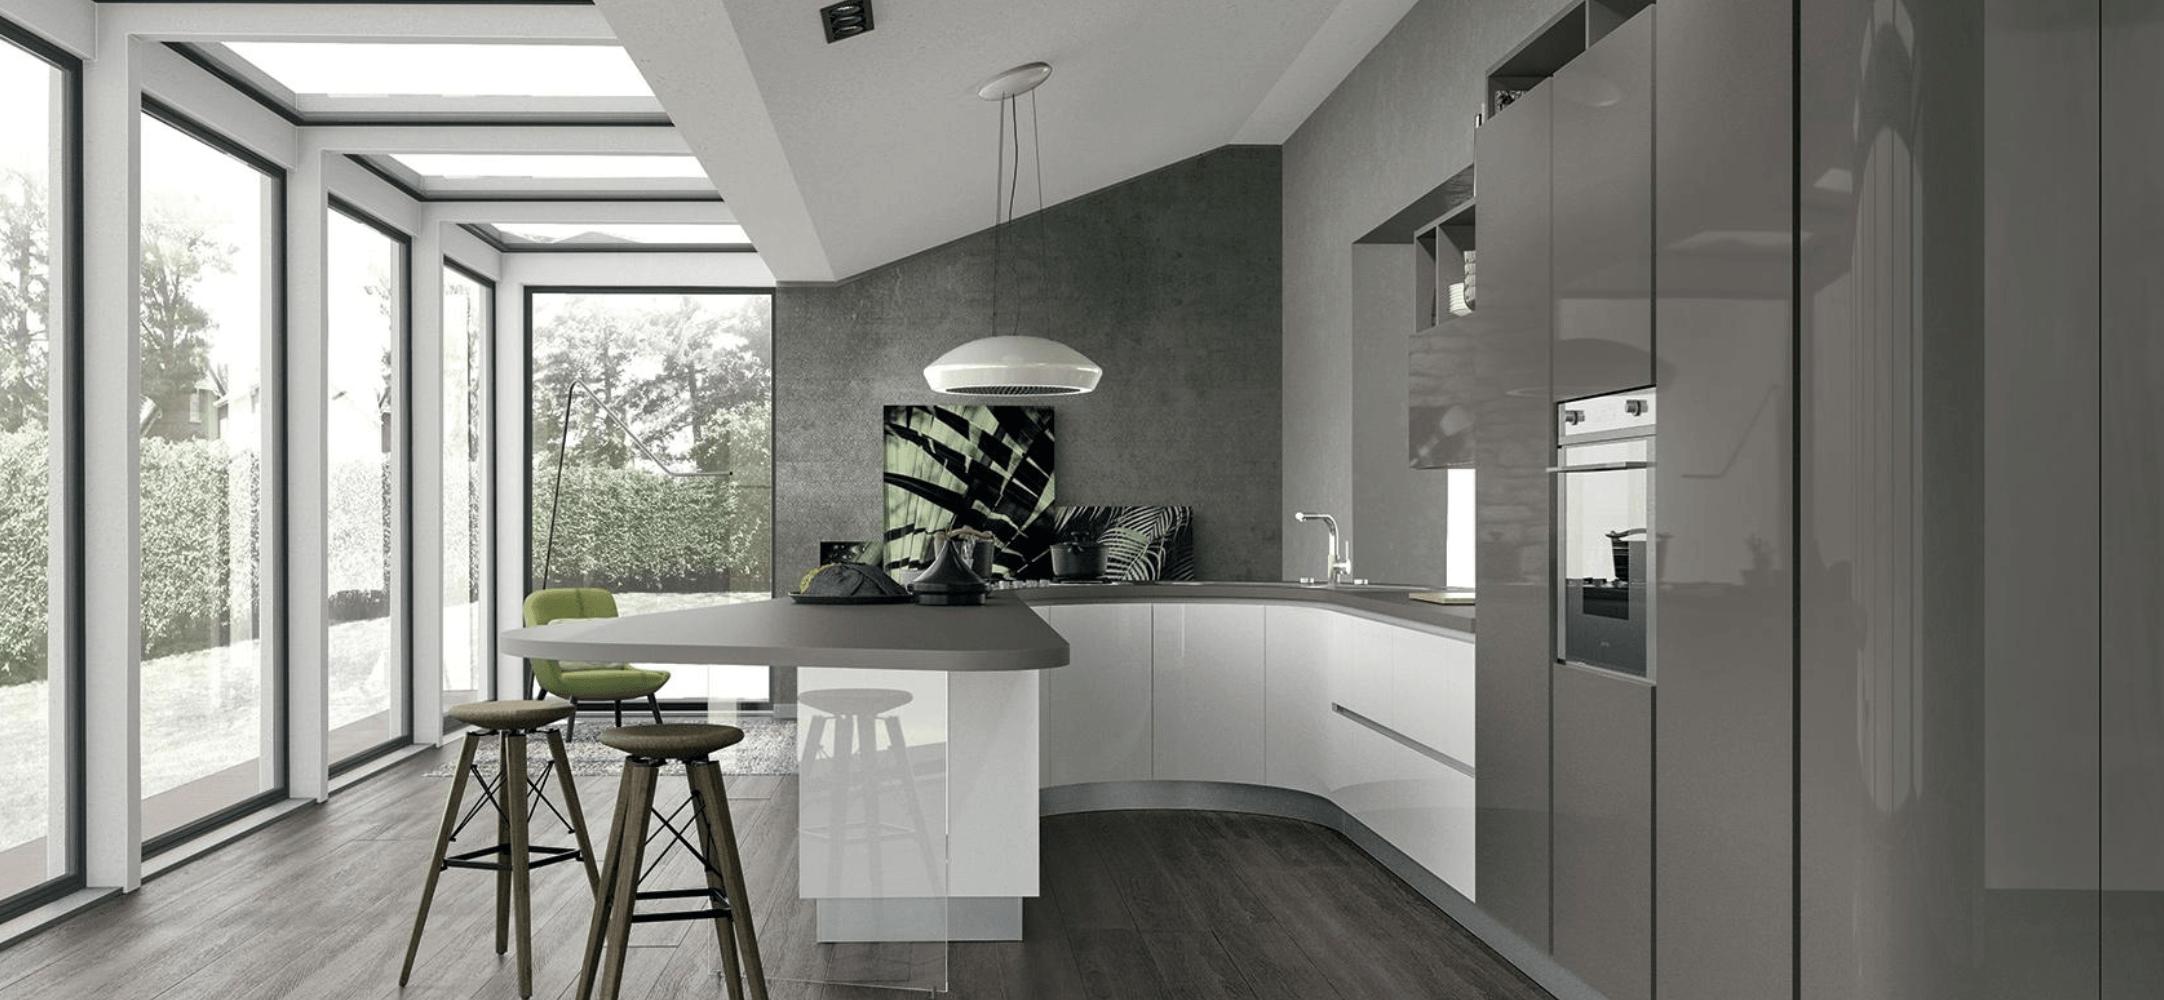 I migliori rivestimenti per le pareti della cucina lube store milano for Rivestimenti per cucine classiche